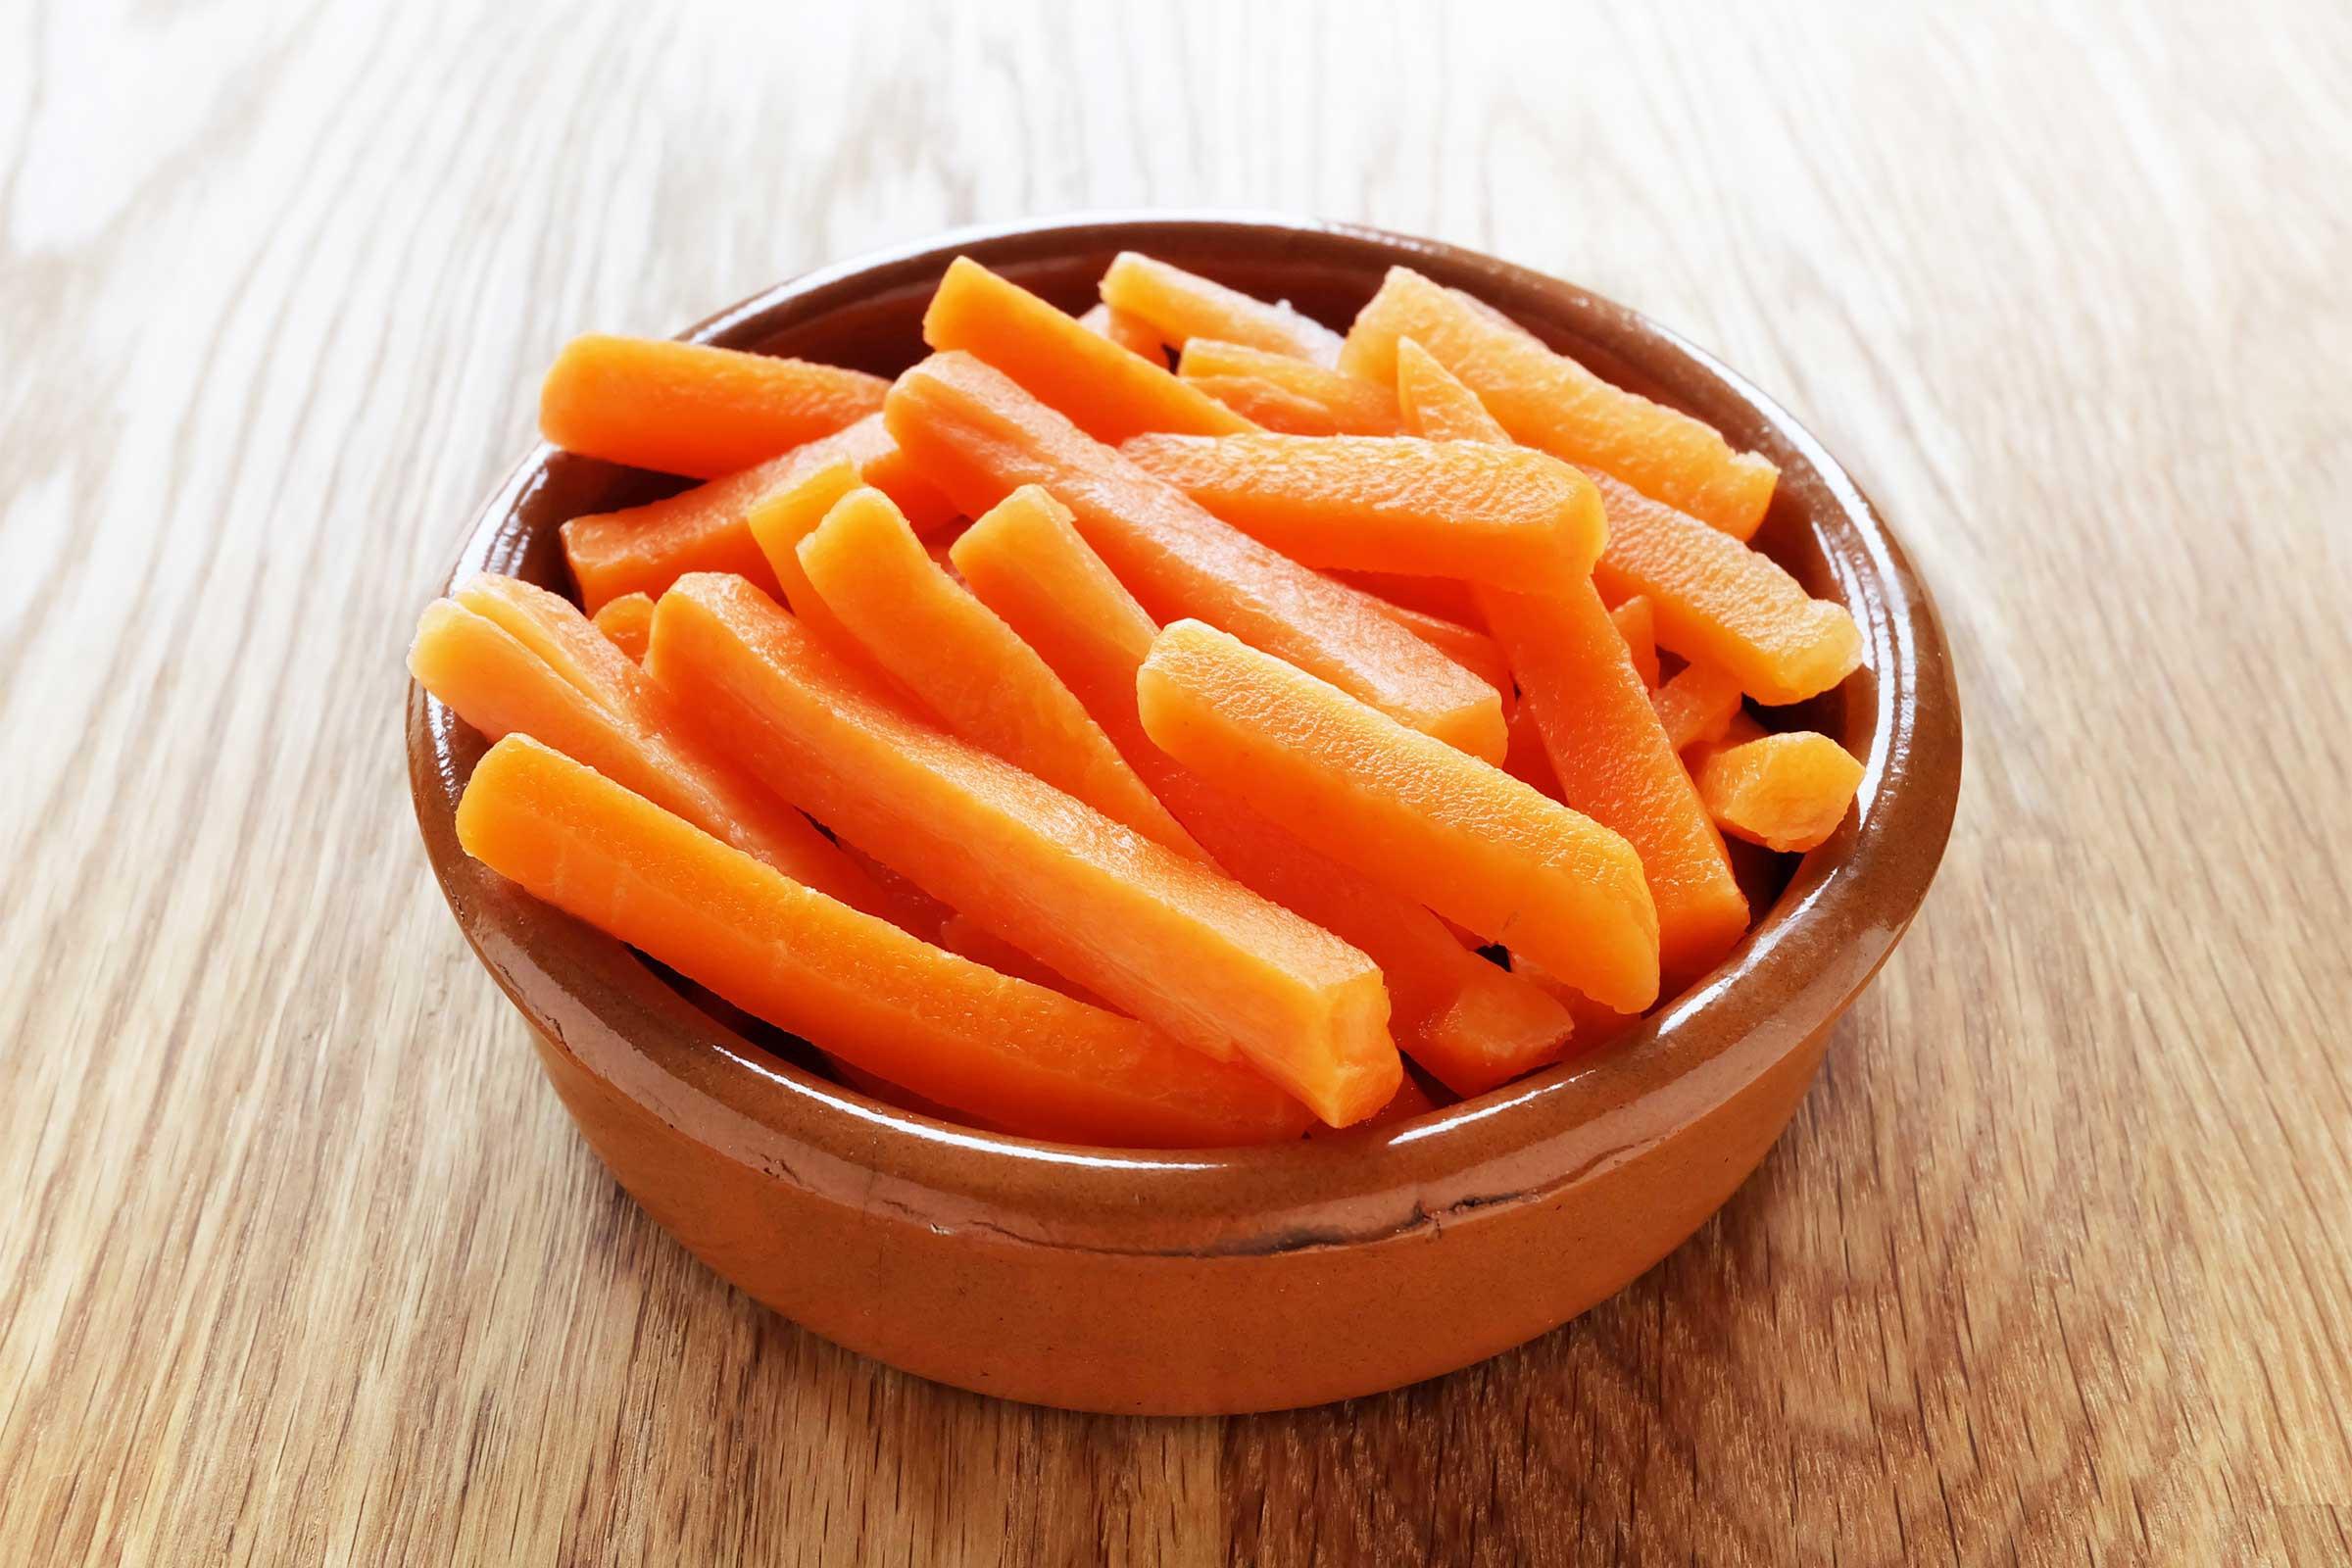 بهترین غذاها برای تغذیه در حین شیمی درمانی